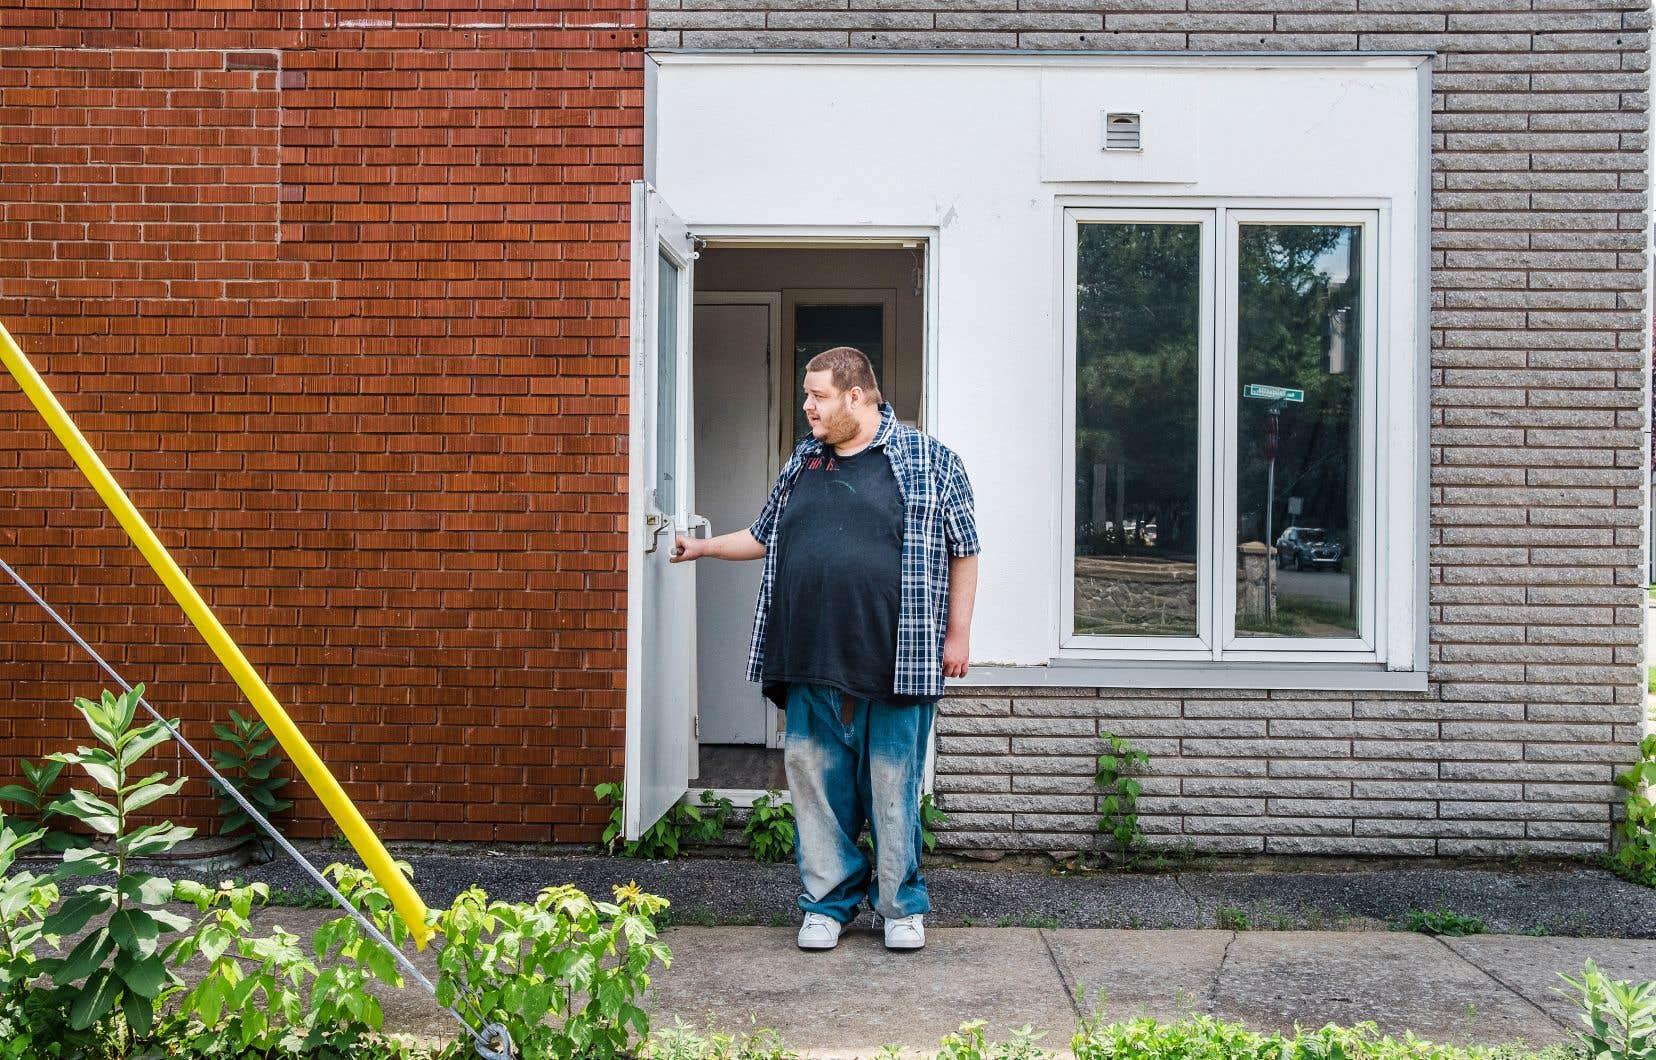 Lundi, à trois jours de la date butoir du 1er juillet, Michaël Therrien s'est résigné à louer une chambre sans bail, qui se paie au mois.